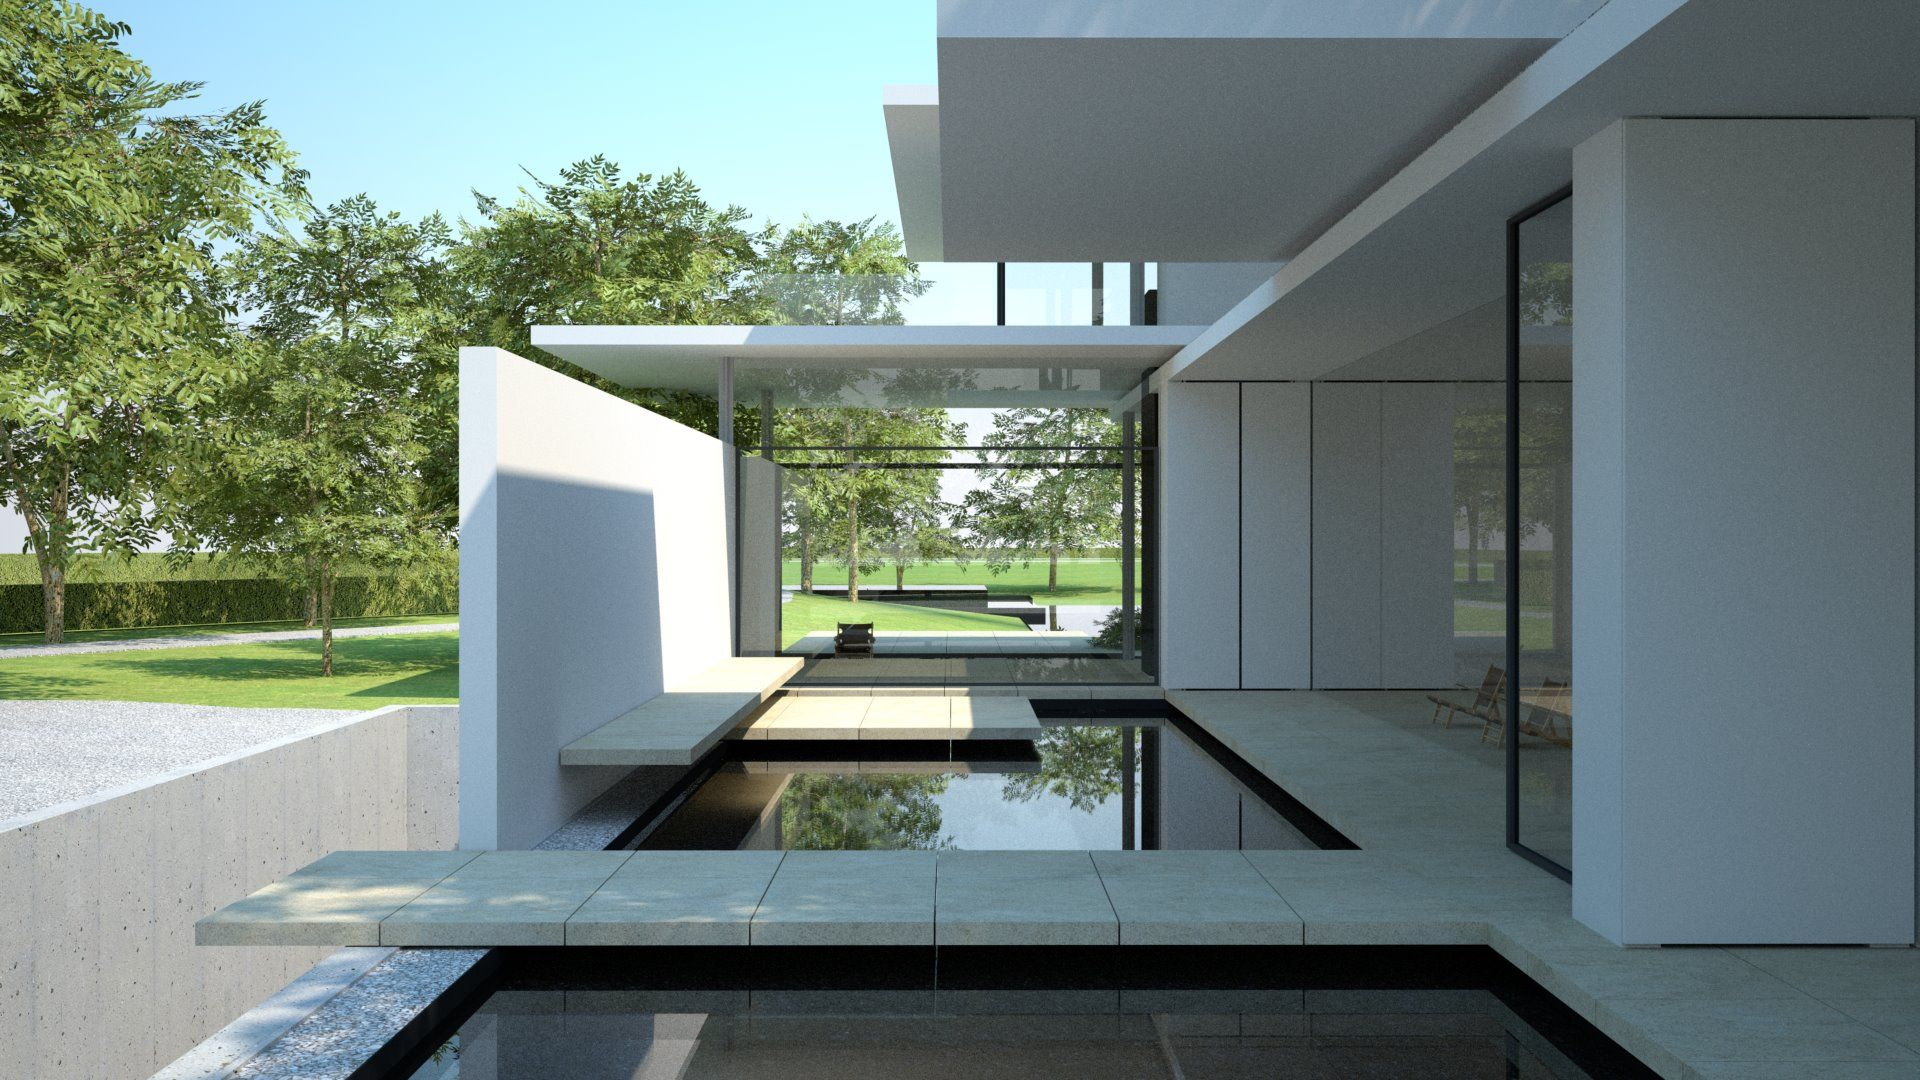 Jacques van haren bureau dp gent architecture